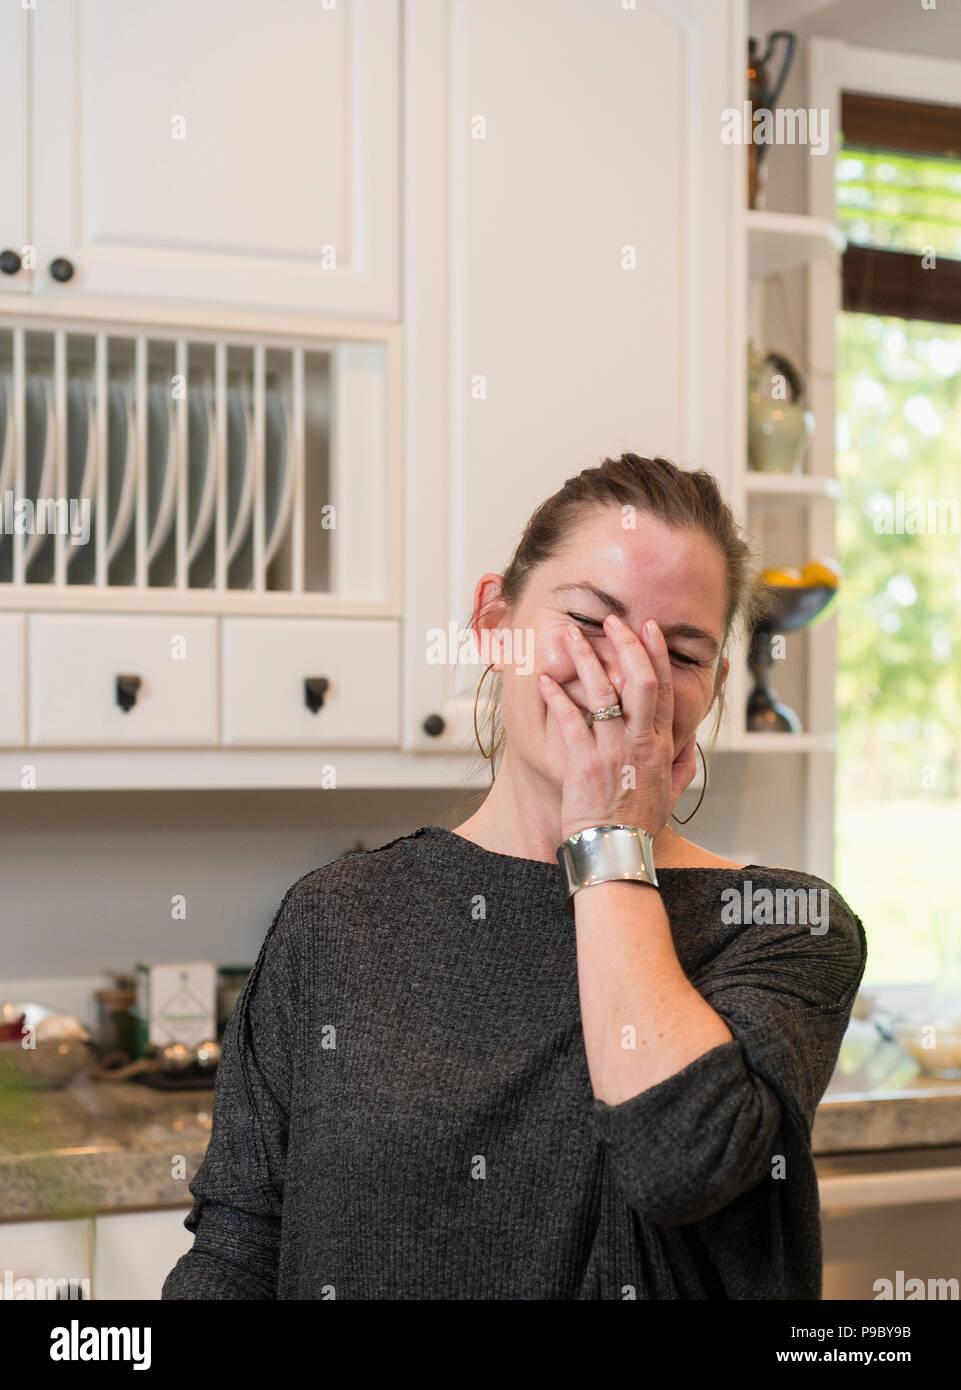 Una mujer riendo en su cocina. Imagen De Stock